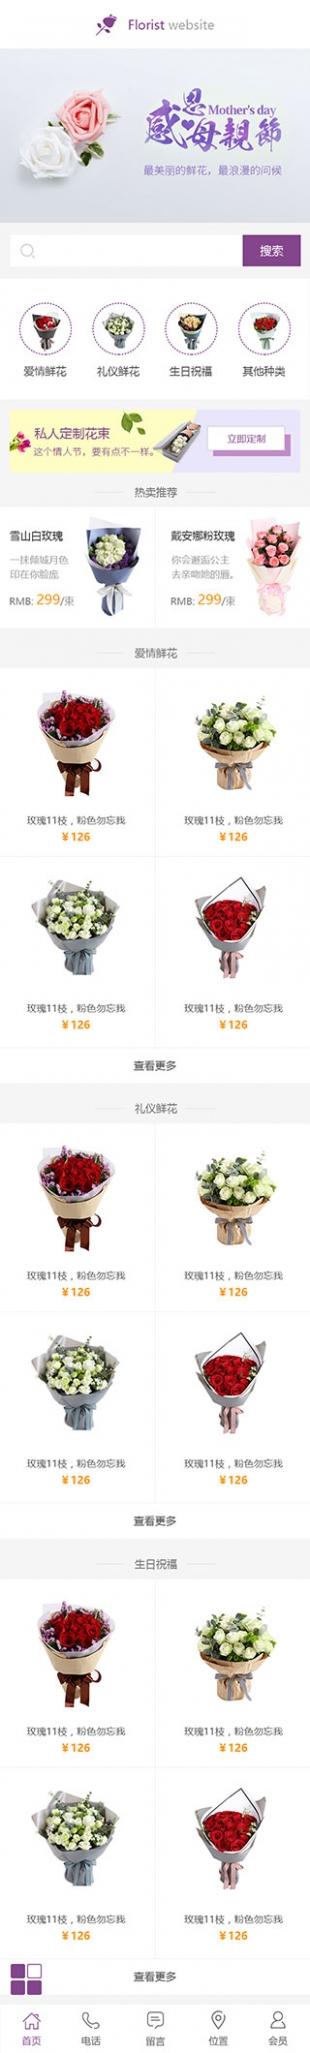 鲜花类网站通用模板手机图片